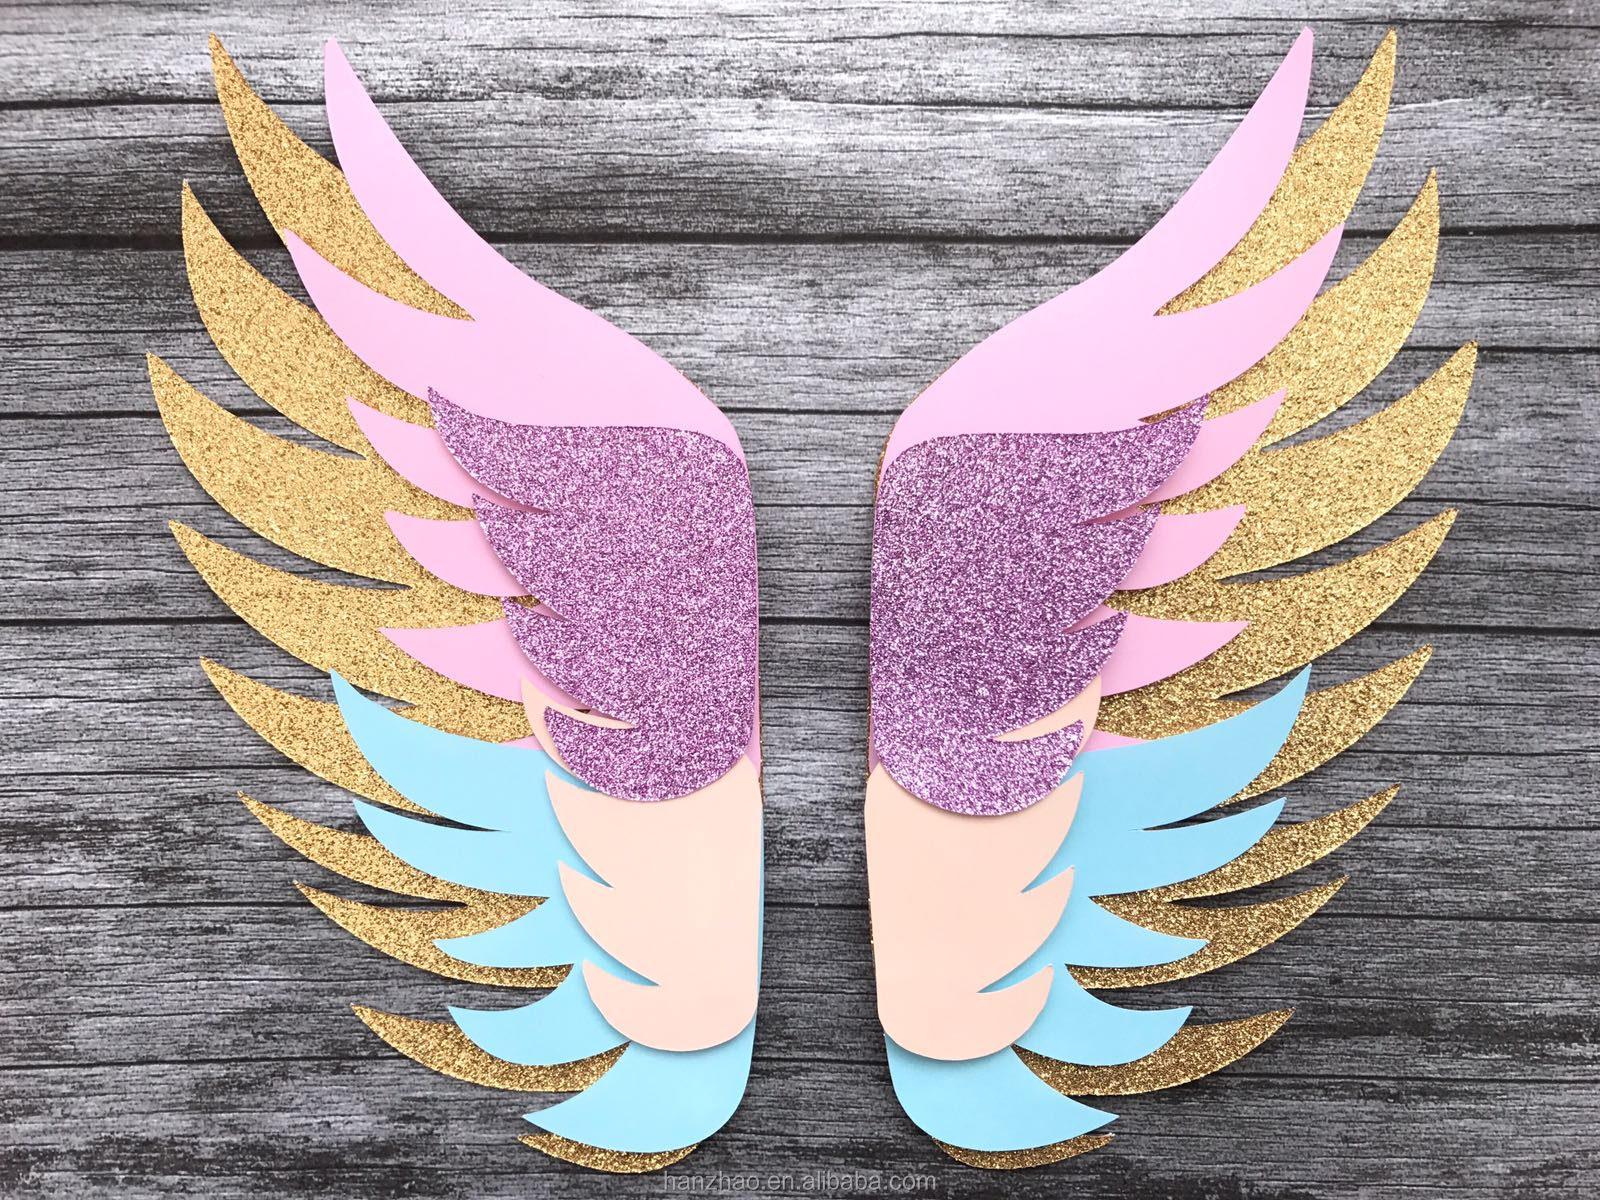 крылья ангела открытка своими руками домашних условиях